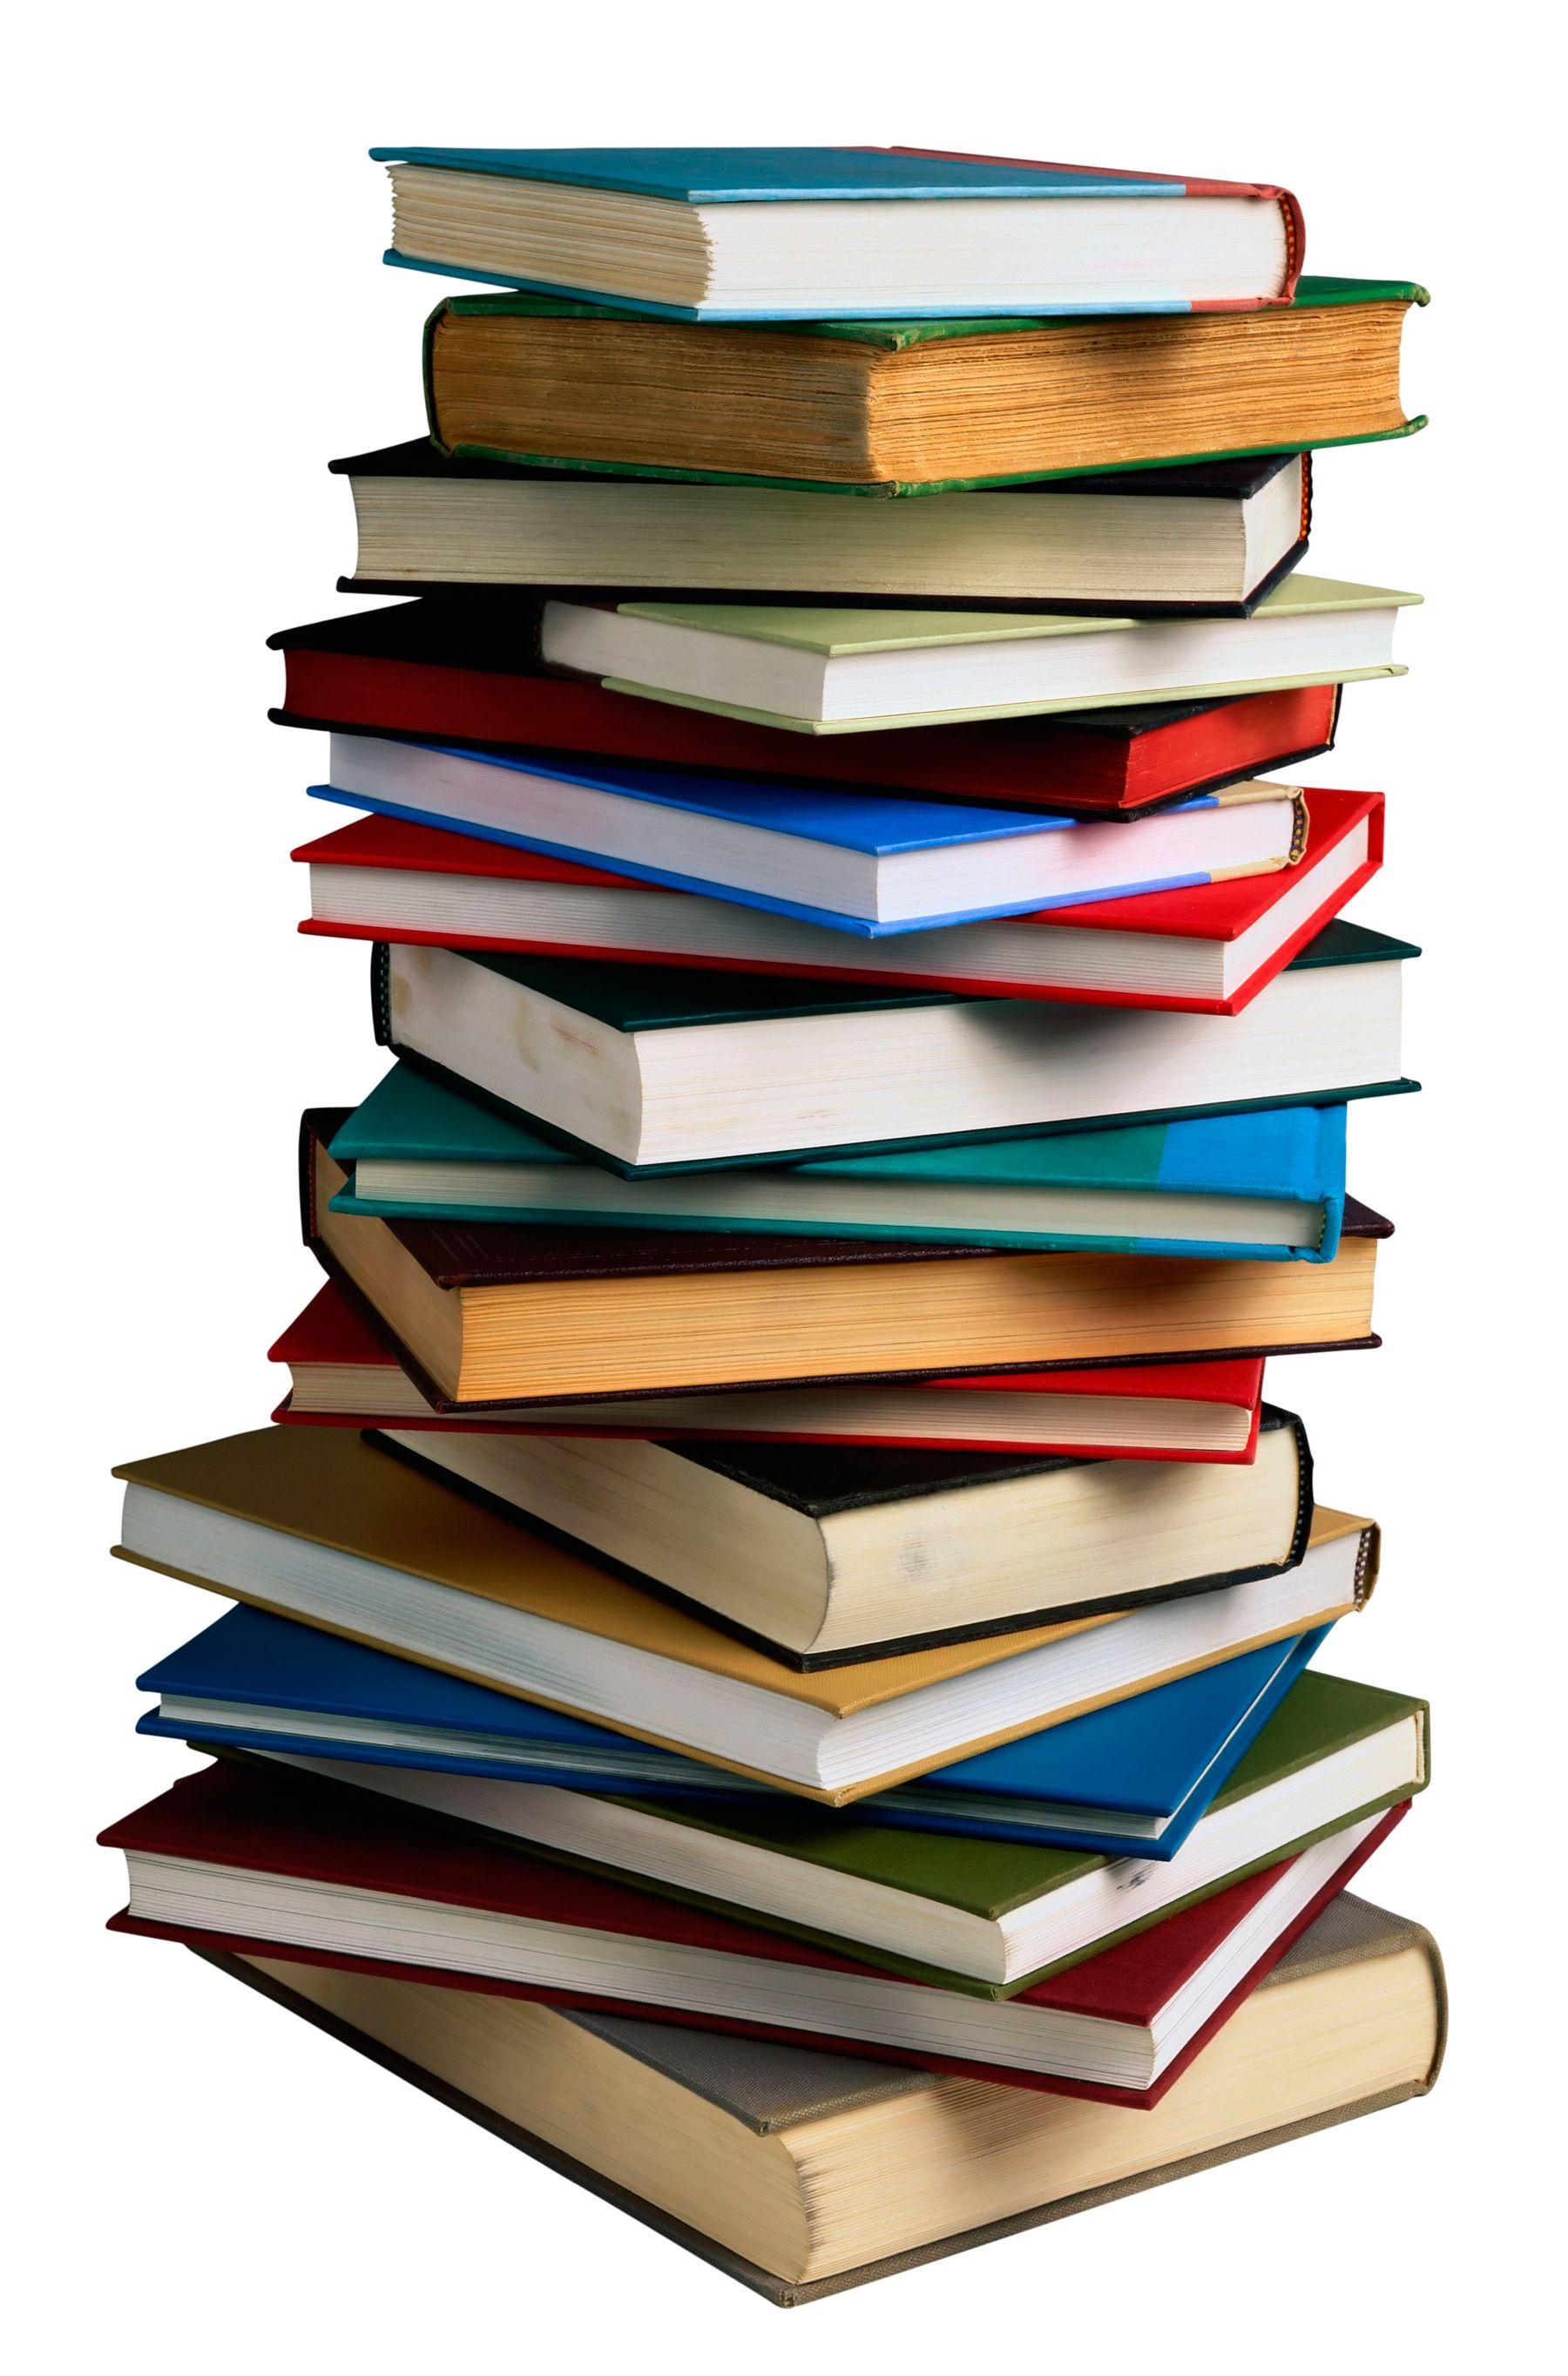 تولید محتوای کتاب الکترونیکی